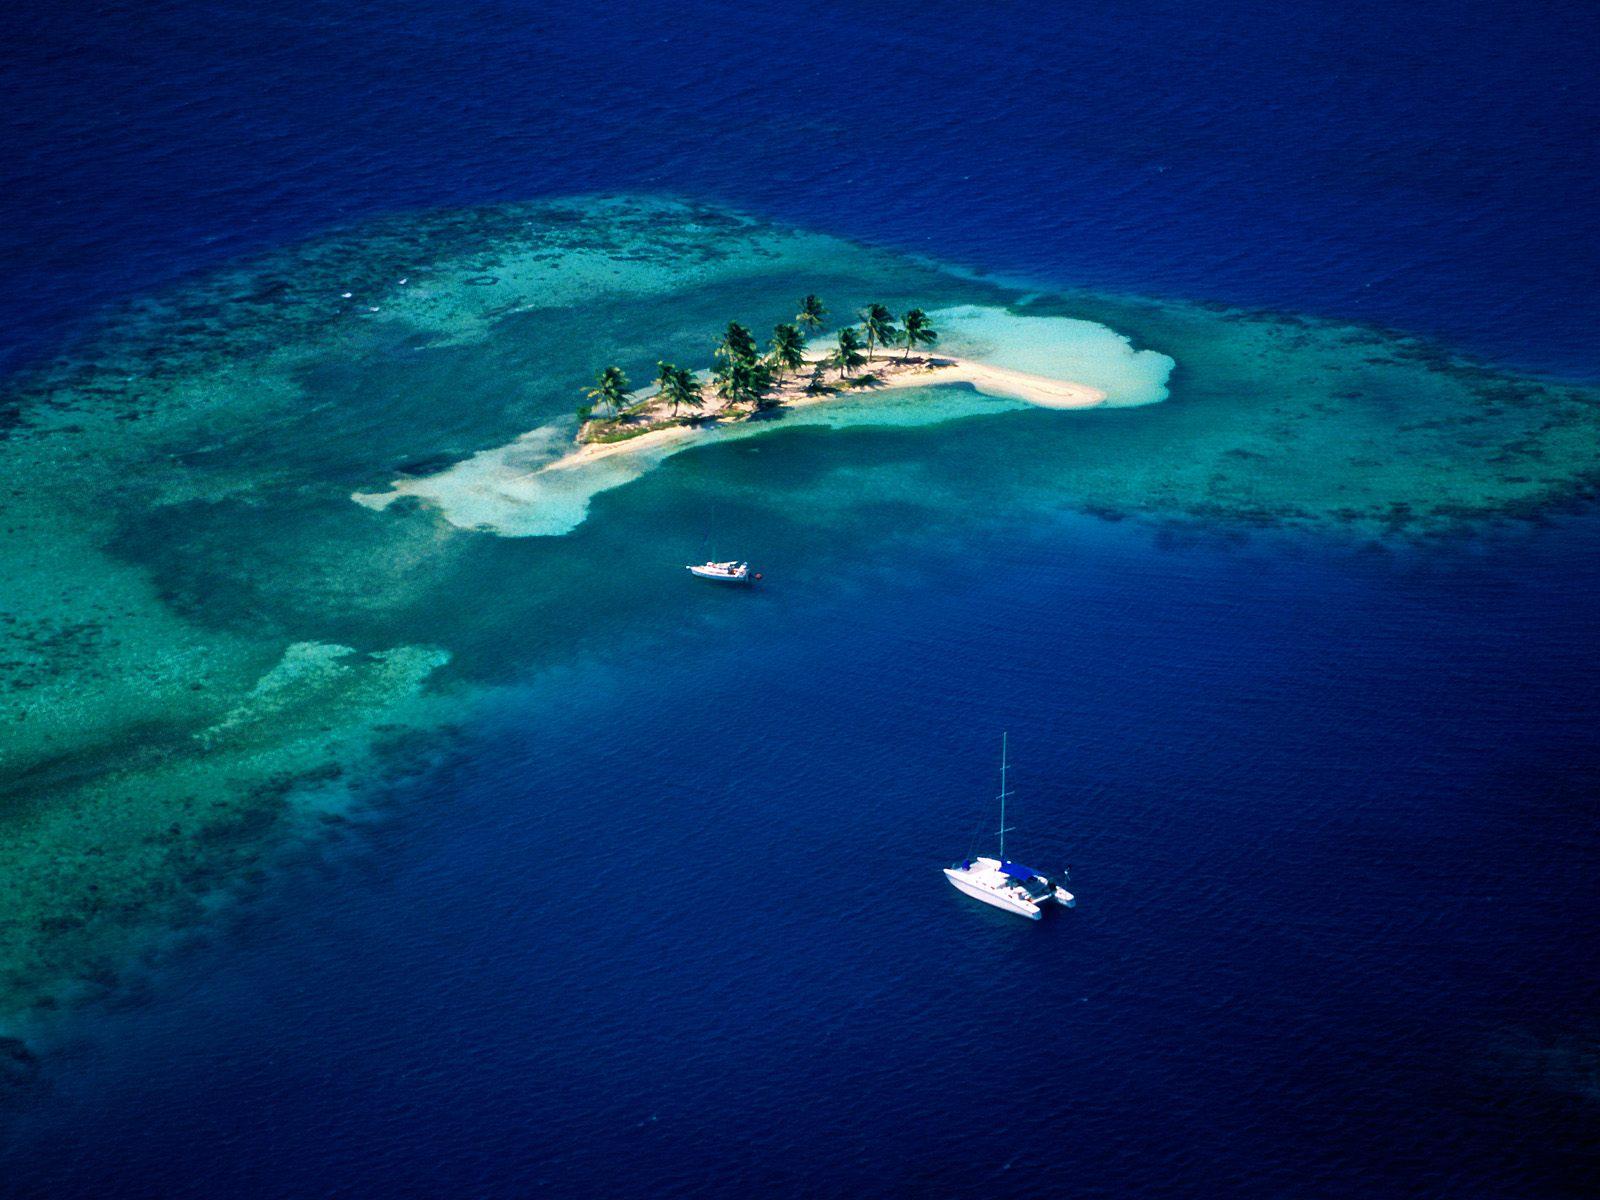 https://2.bp.blogspot.com/-rjEGr4ACWws/Tv3nfFcC3TI/AAAAAAAADZQ/nZmYVllhEQA/s1600/Goff%2527s+Caye%252C+Belize.jpg